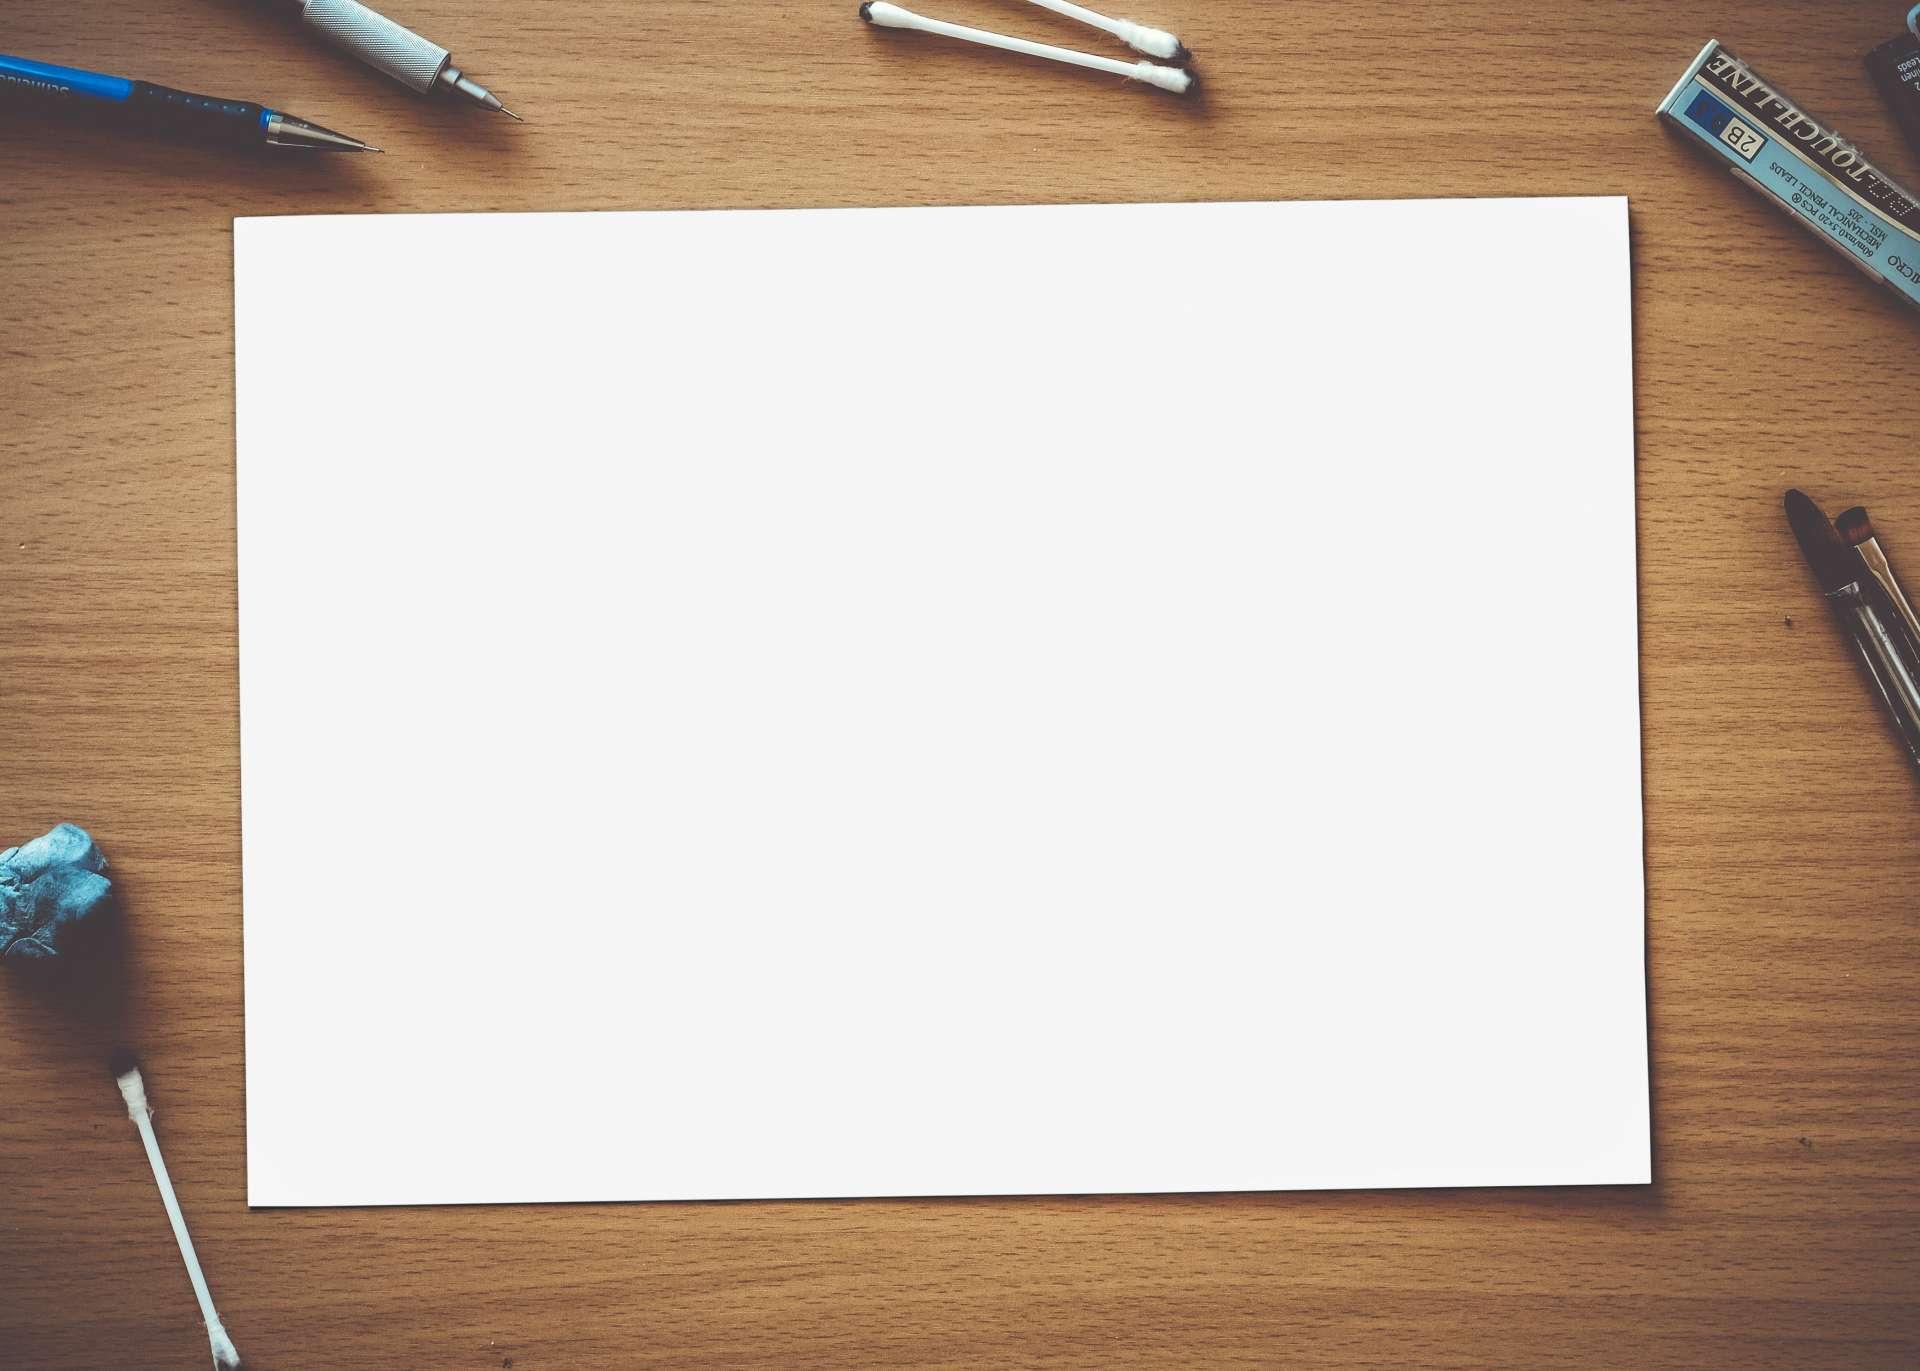 Hoe kies ik voor duurzaam printpapier?